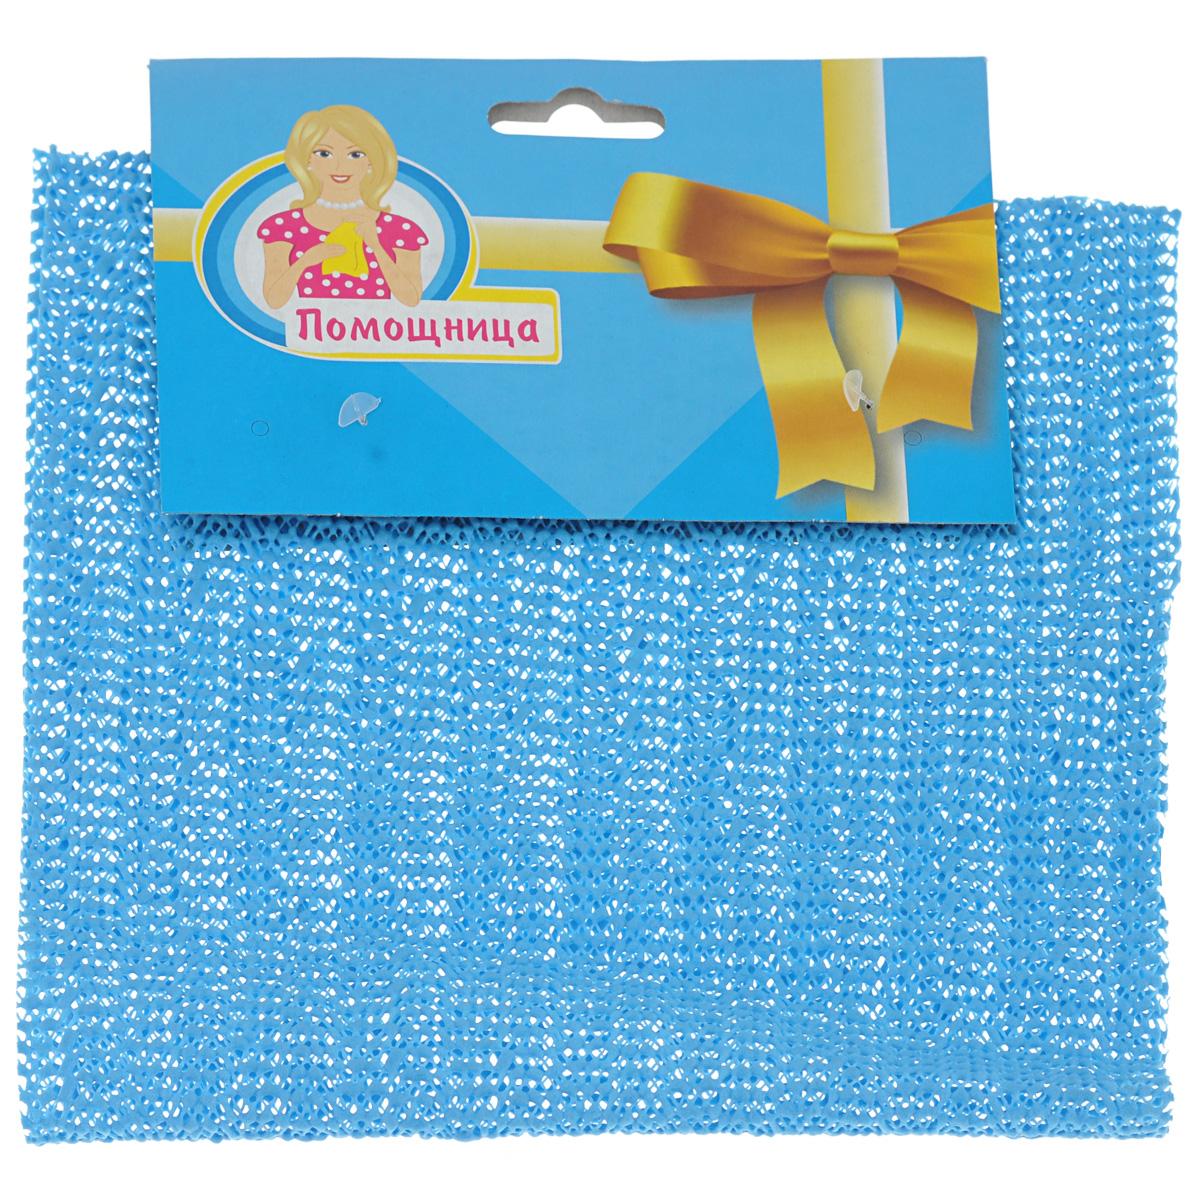 Салфетка для открывания крышек Eva, цвет: голубой, 40 х 20 смЕ792Салфетка Eva изготовлена из ПВХ и предназначена для открывания крышек. Противоскользящий материал изделия и мелкая перфорация помогут вам без труда открыть любую крышку. Салфетка Eva станет незаменимым помощником для любой хозяйки! Размер: 40 см х 20 см.